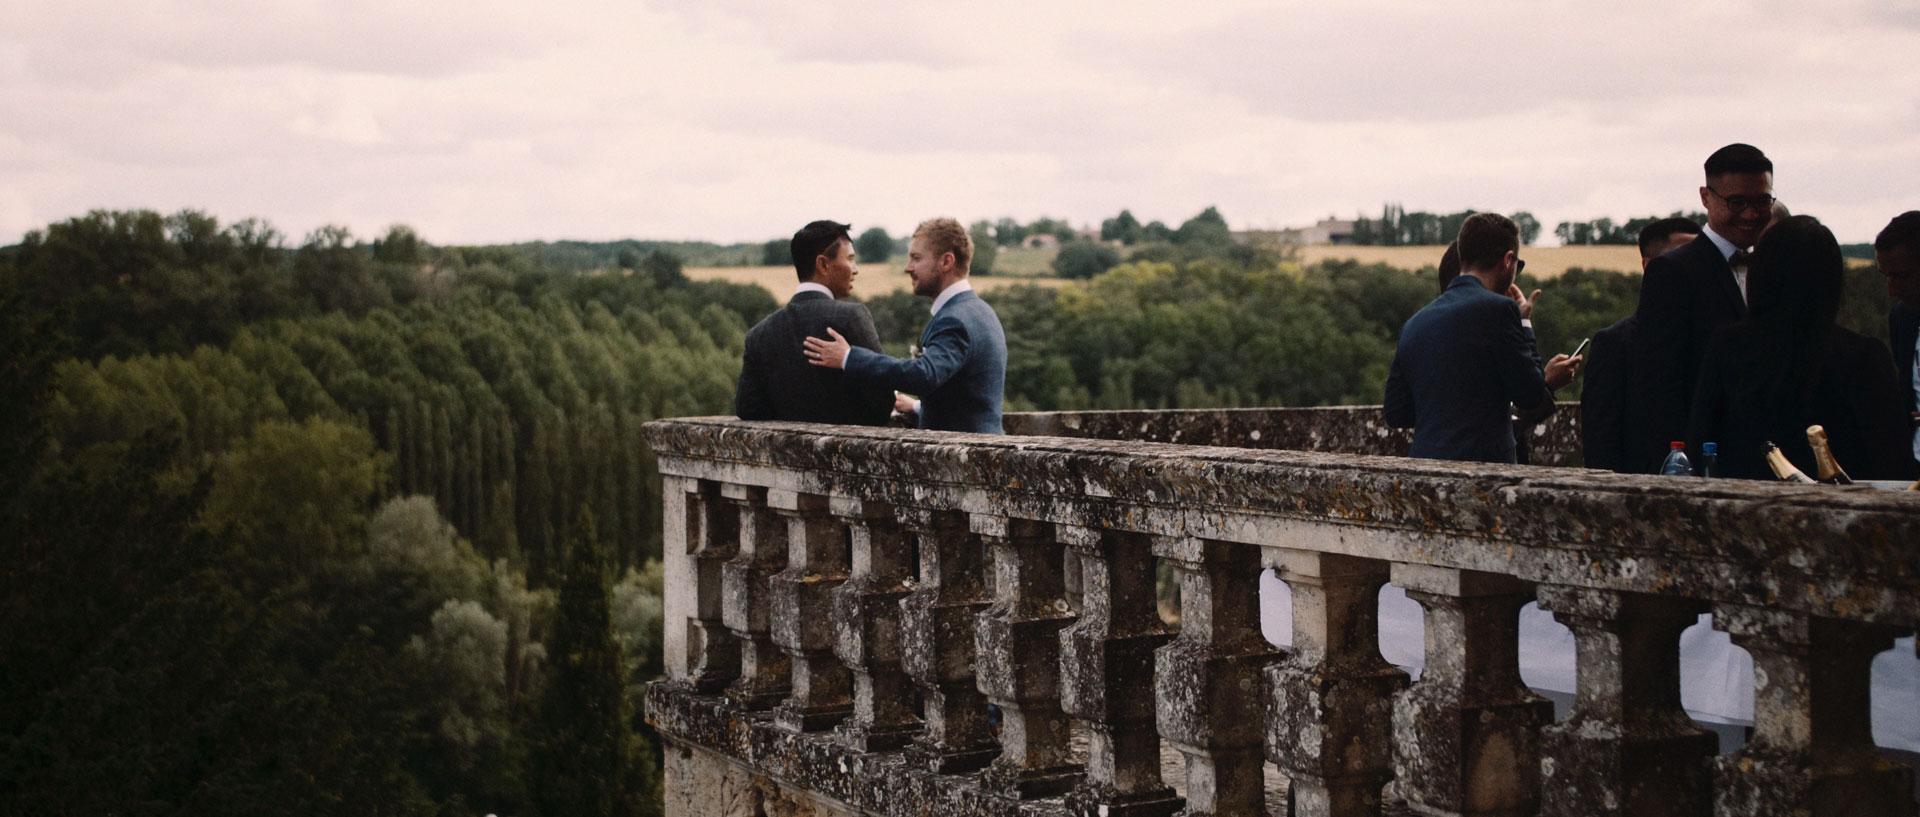 Sam-&-David---Wedding-Film.00_02_37_20.jpg